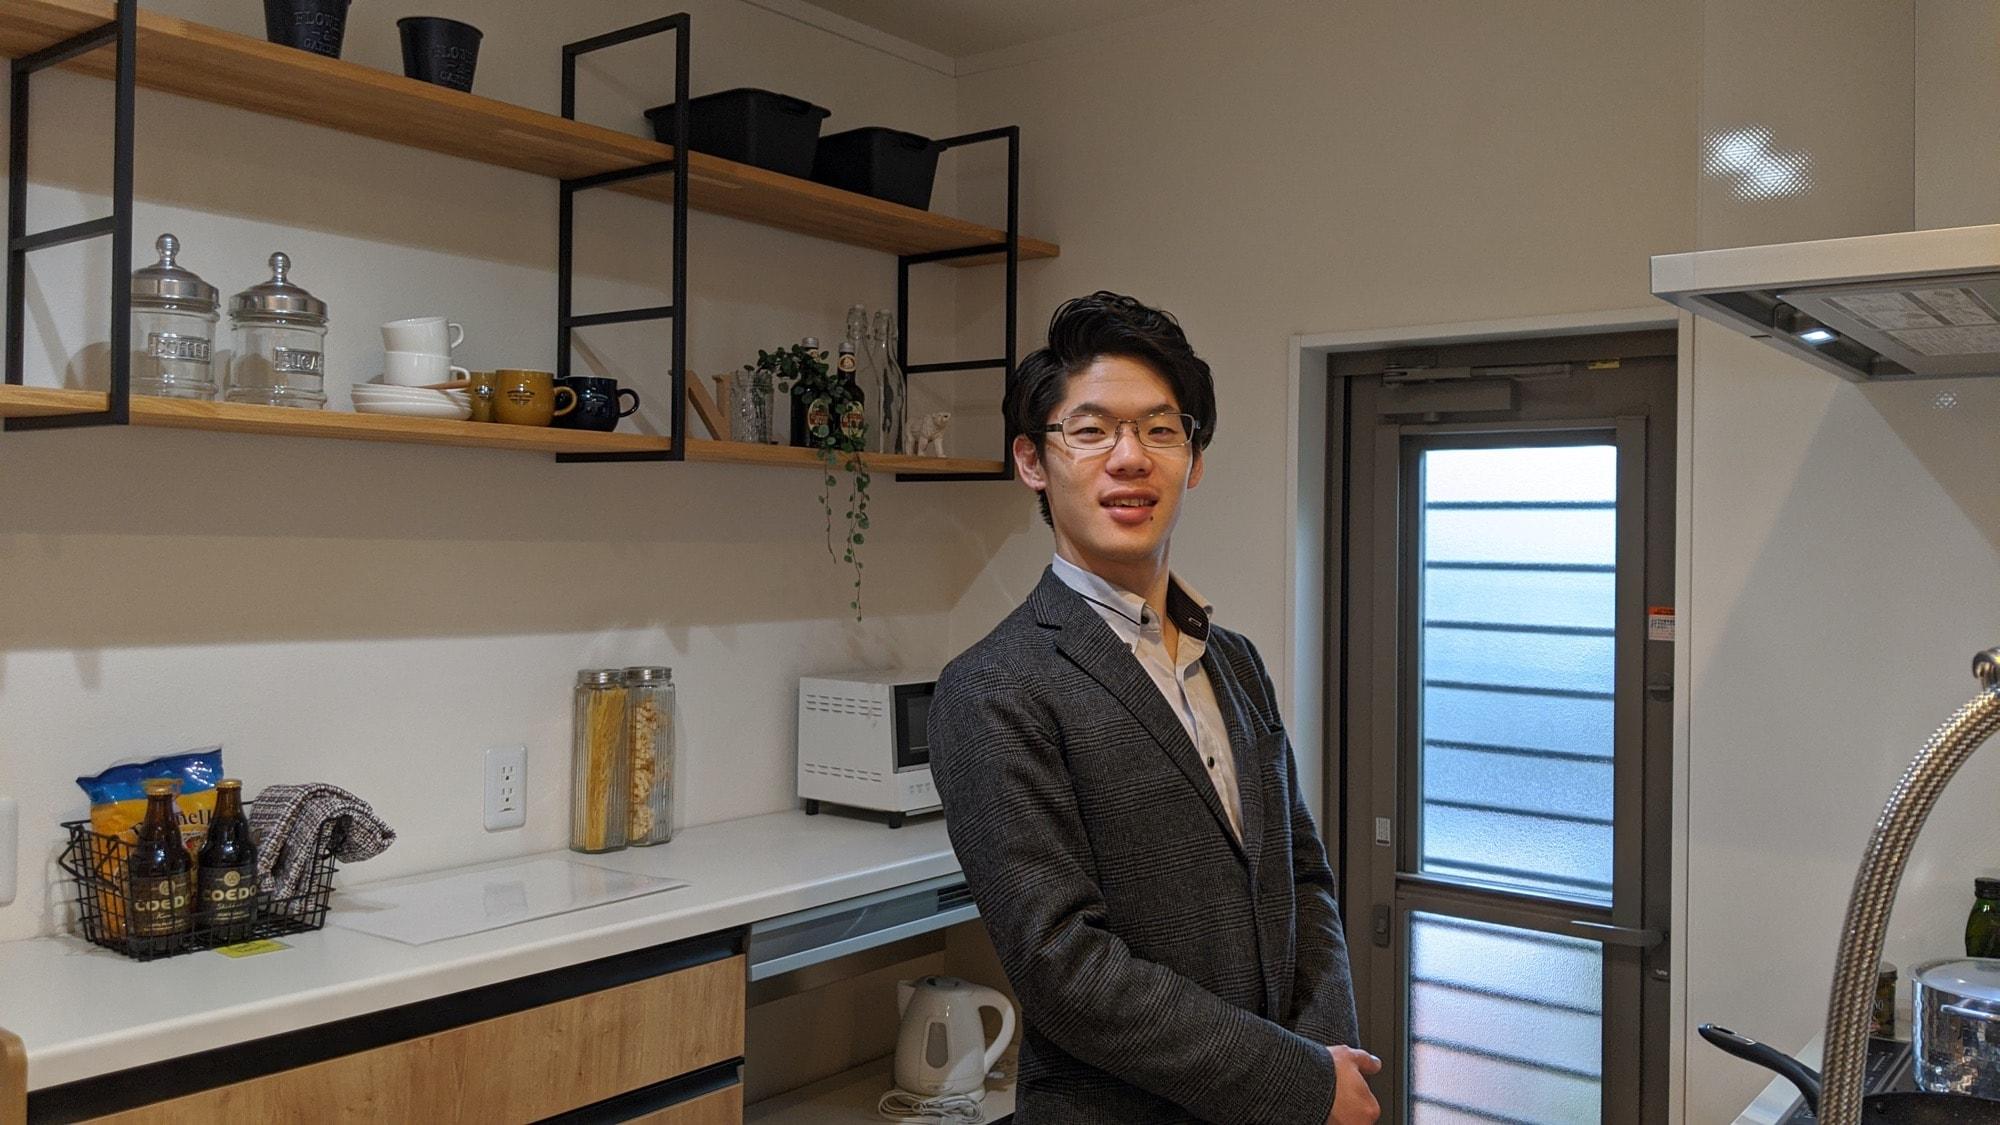 ニッケンホームの社員にインタビュー!:営業部 青山 享平 ・前編「寄り添った間取りや仕様の提案を」